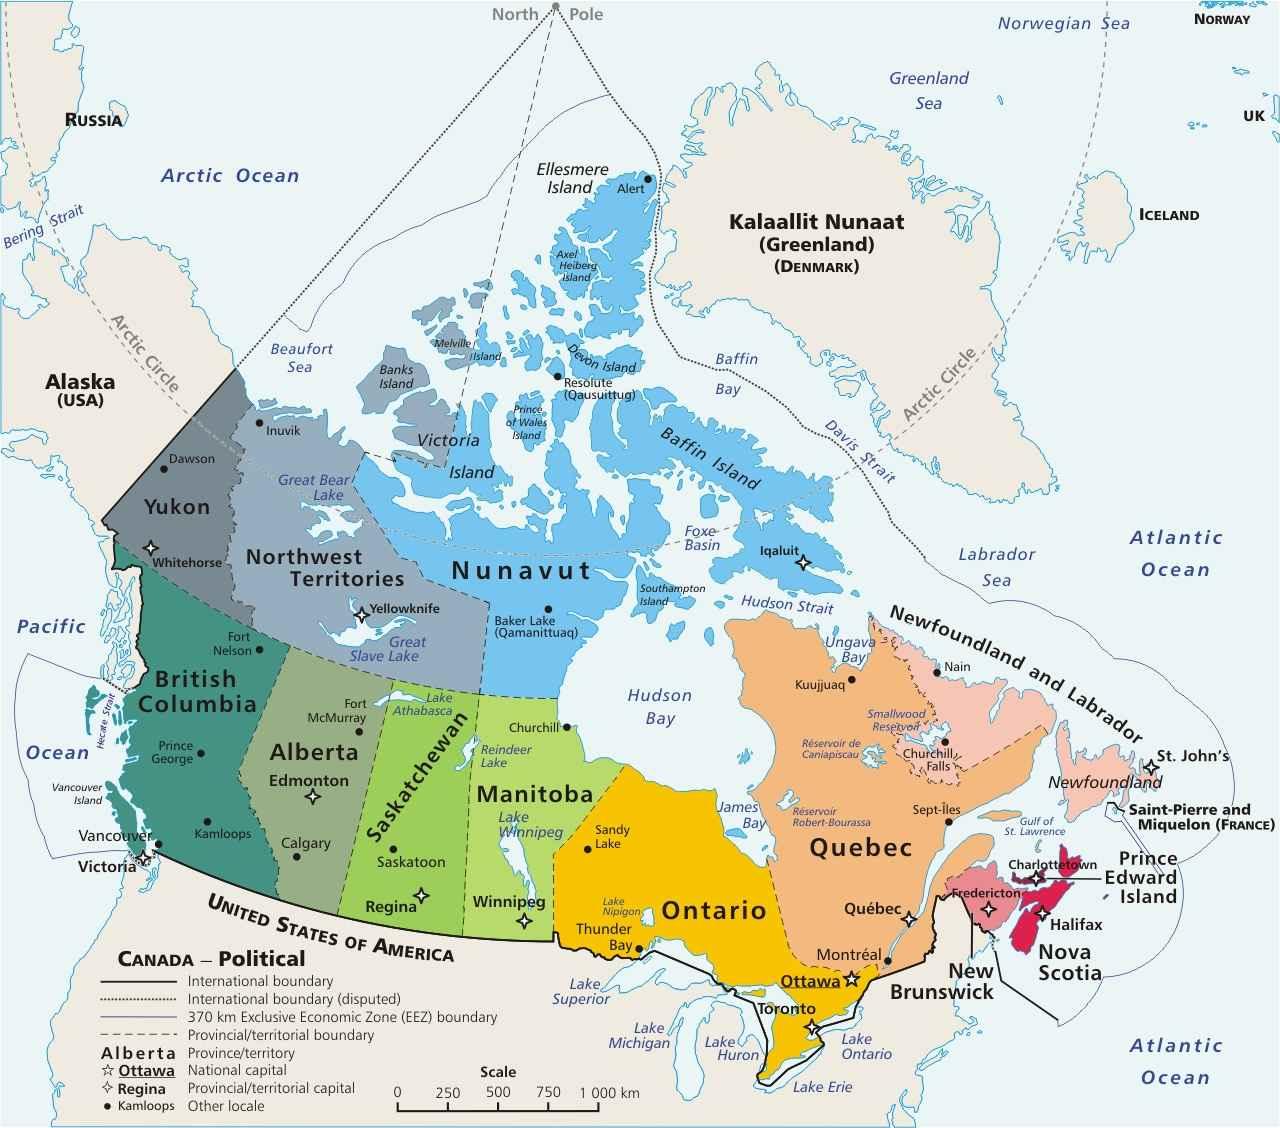 Переезд в канаду: как уехать  туда жить, что нужно для миграции из россии, с чего начать, как можно выехать семьей с детьми, через бизнес, помощь для эмигрантов